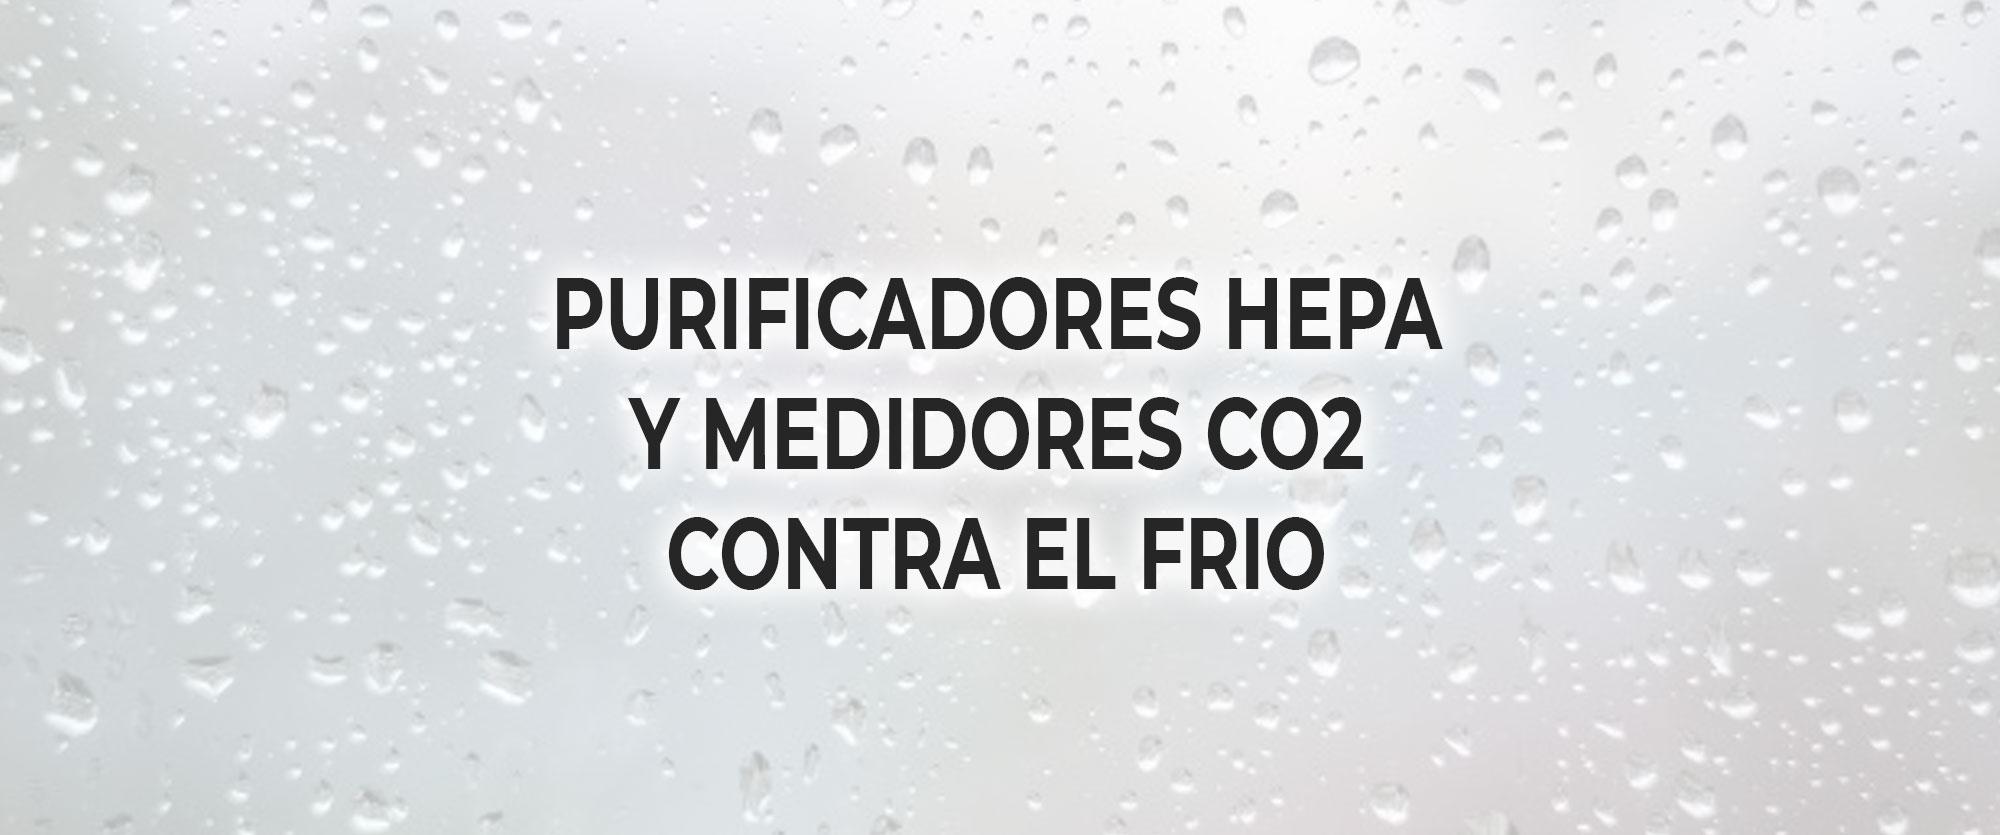 Filtros HEPA: qué son estos filtros por qué son tan útiles para combatir al Coronavirus y reducir el contagio de COVID en interiores